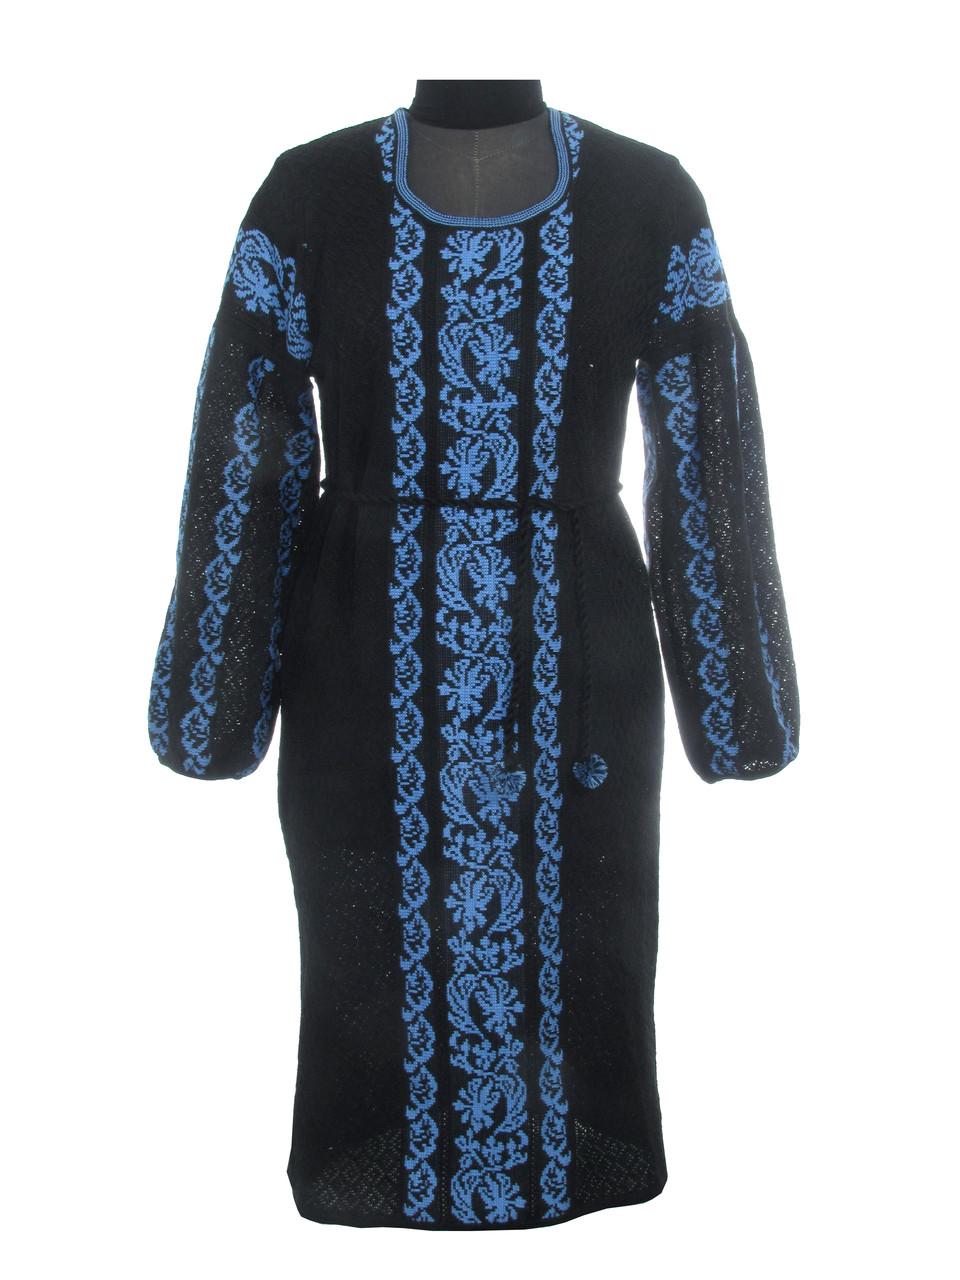 Вязаное платье Львовянка синяя (черное х/б)